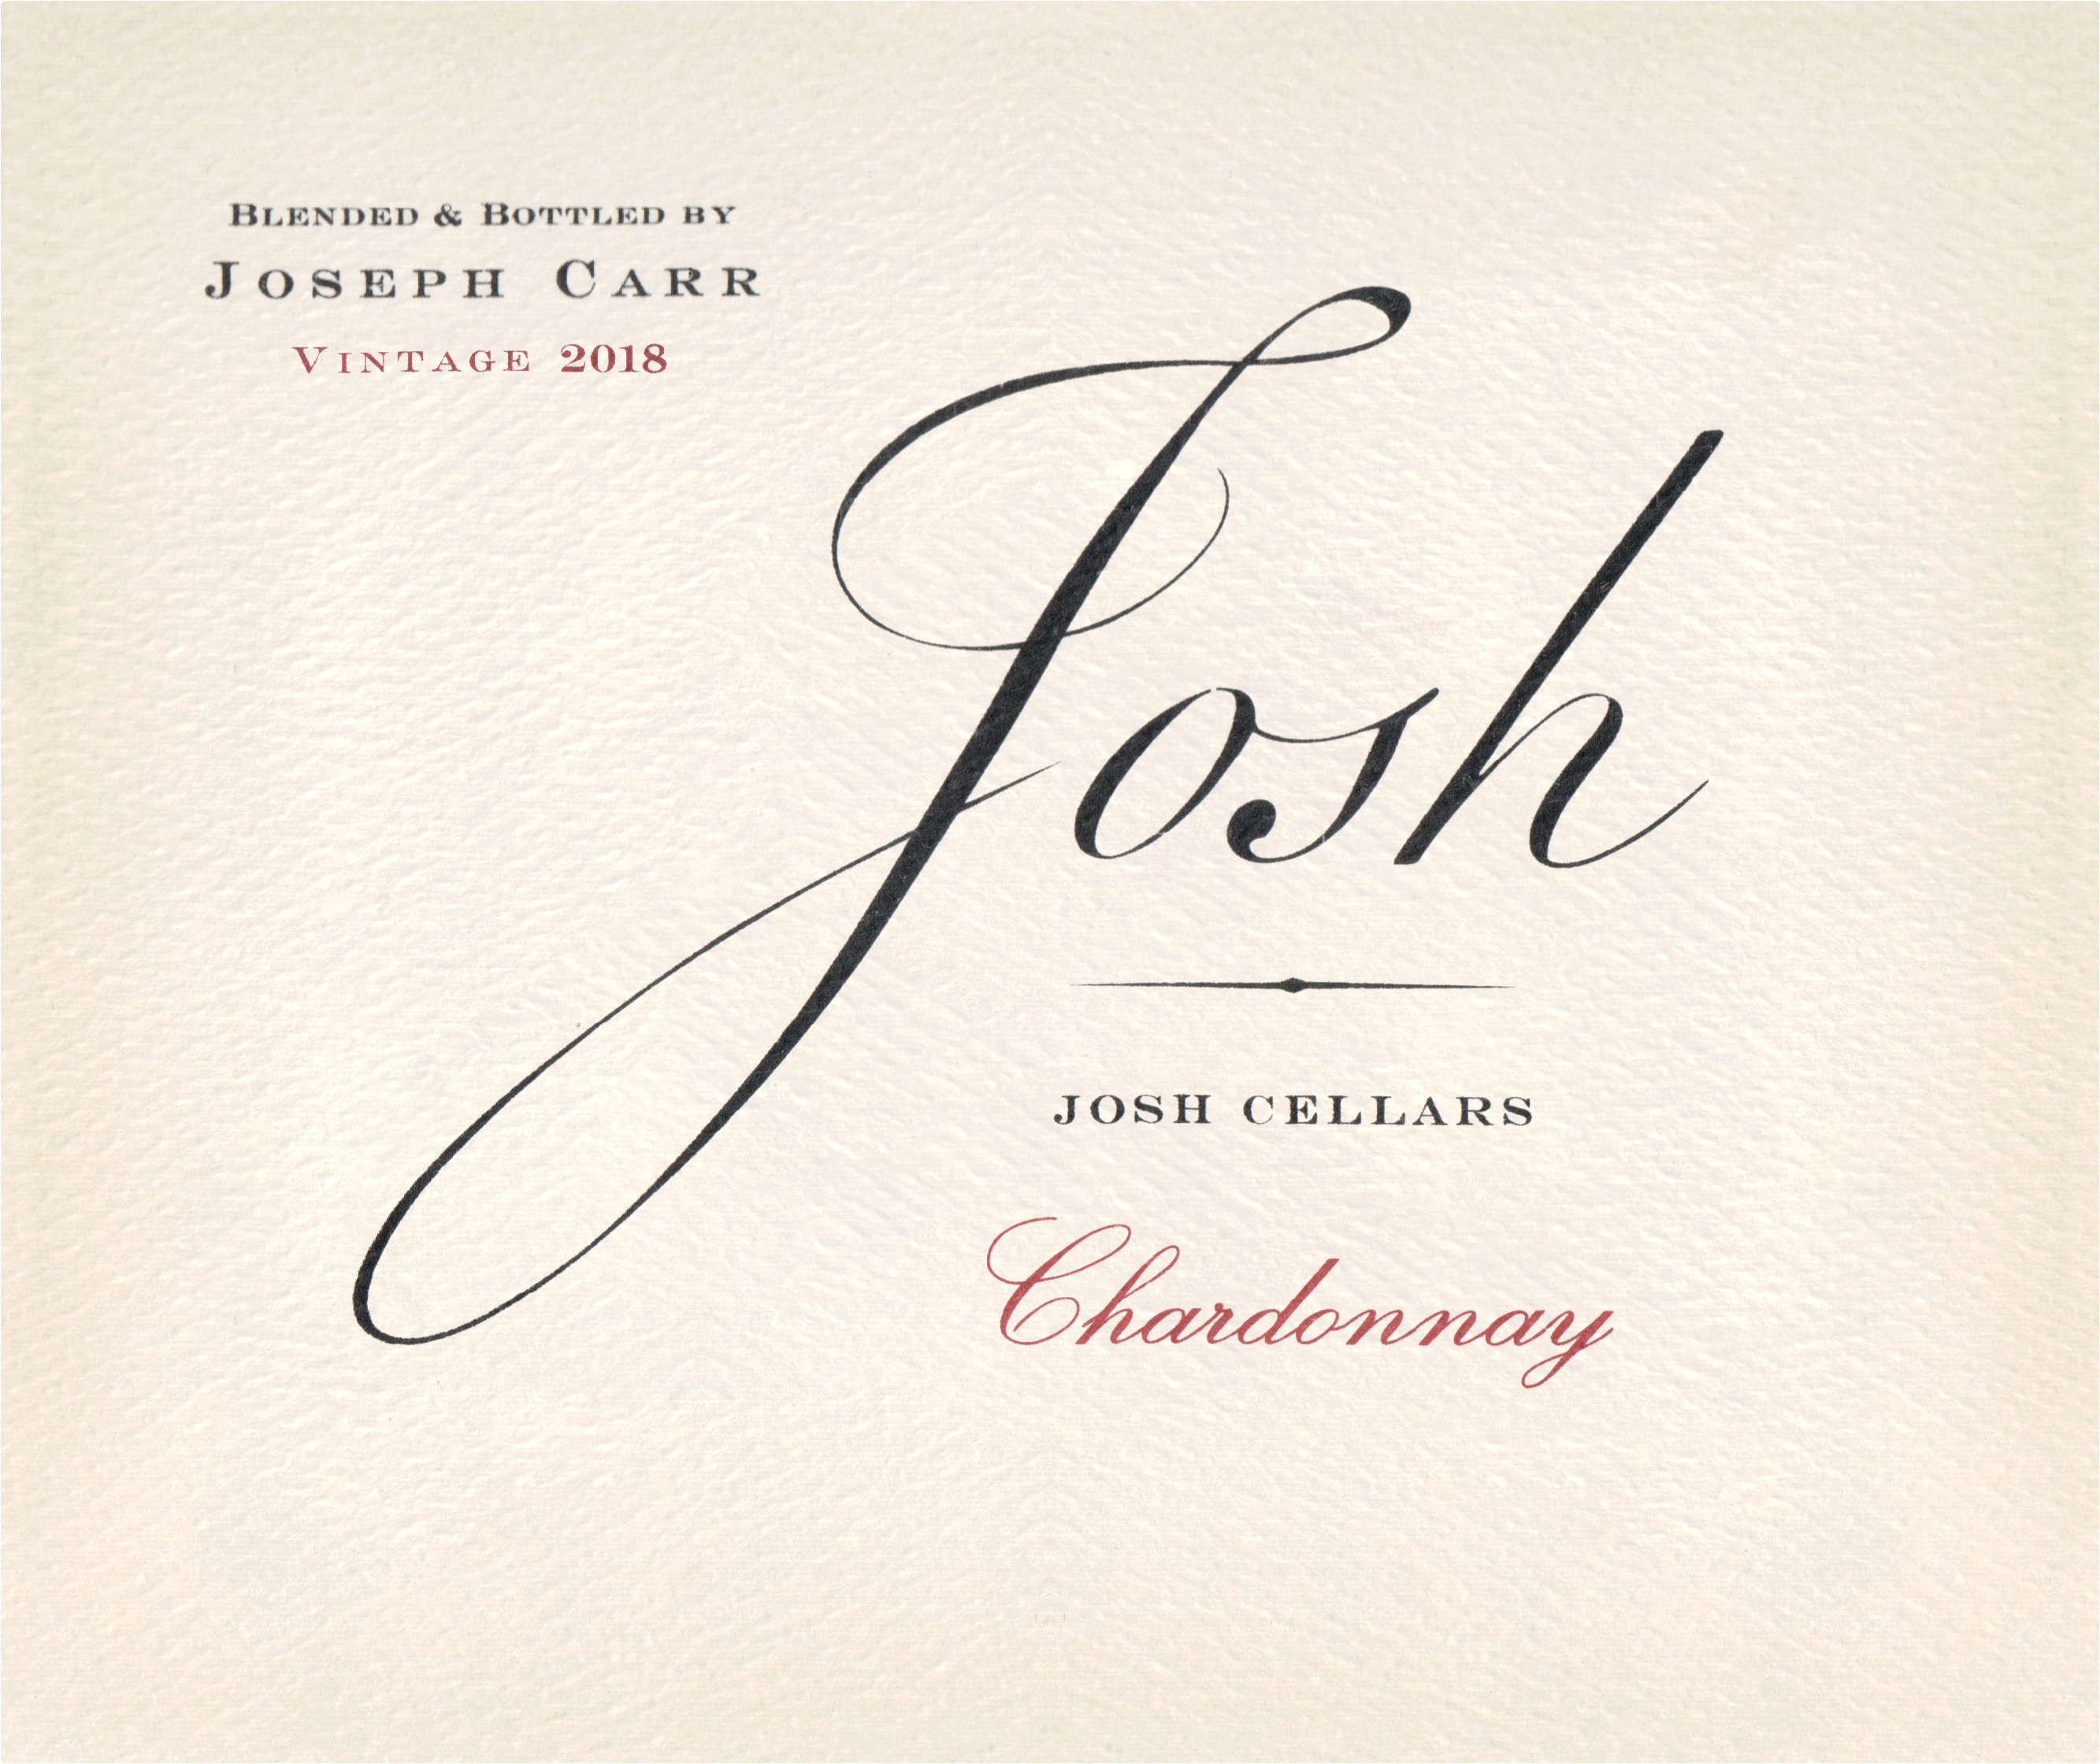 Josh Cellars Chardonnay 2018